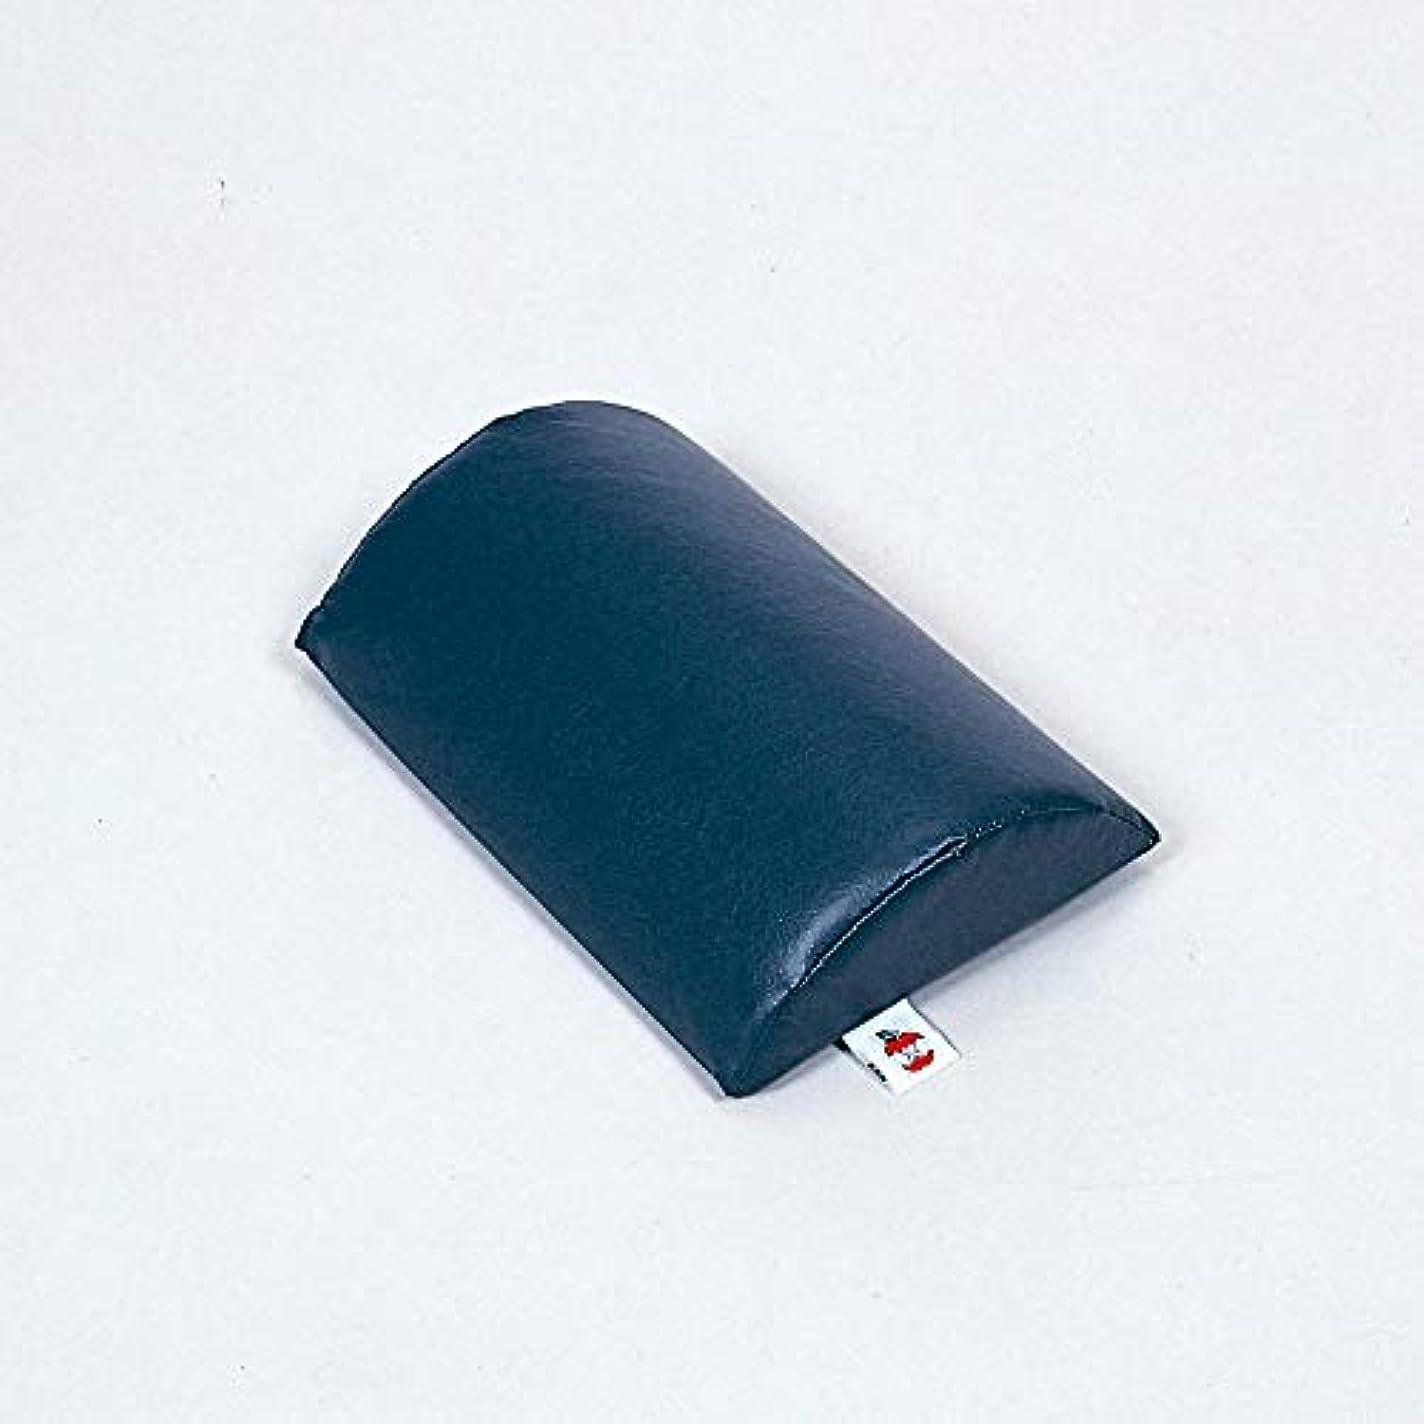 バインド管理スワップCORE PRODUCT(コアプロダクツ) ミニピロー 枕として 手足の固定用 クッション